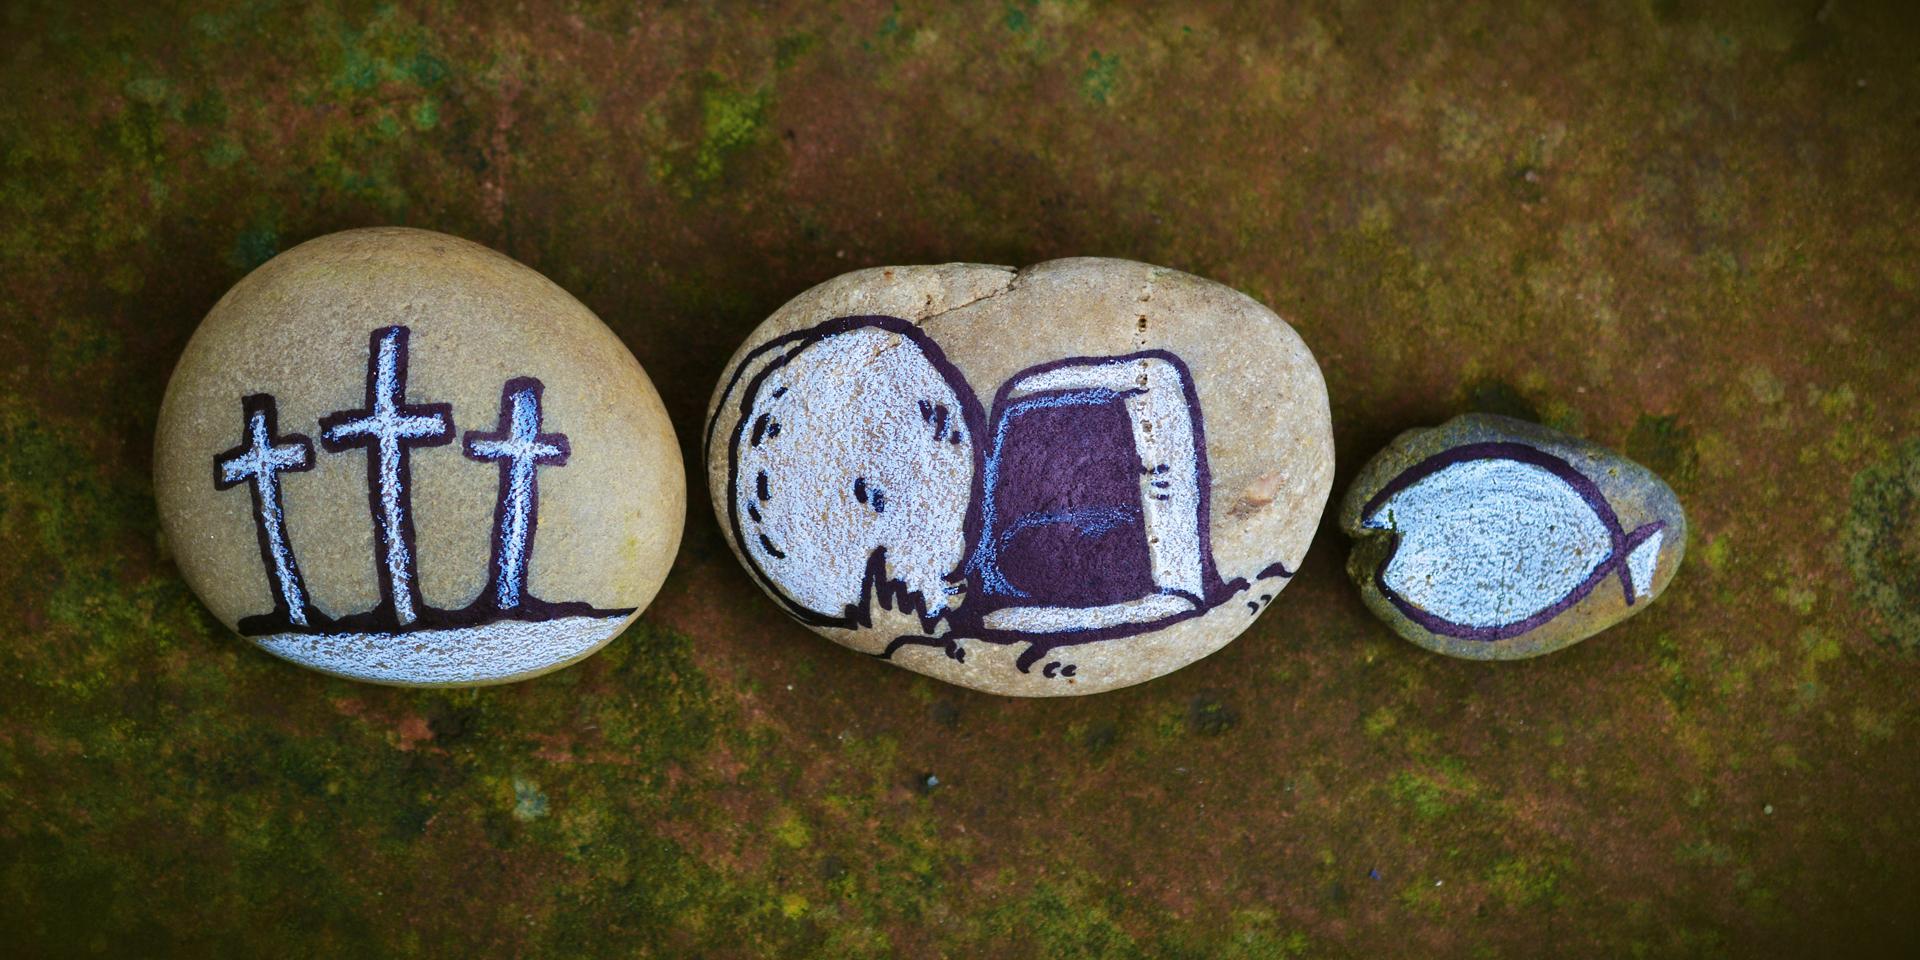 Drei Kreuze, leeres Grab und Fisch auf drei Steine gemalt ,© pixabay/conger design